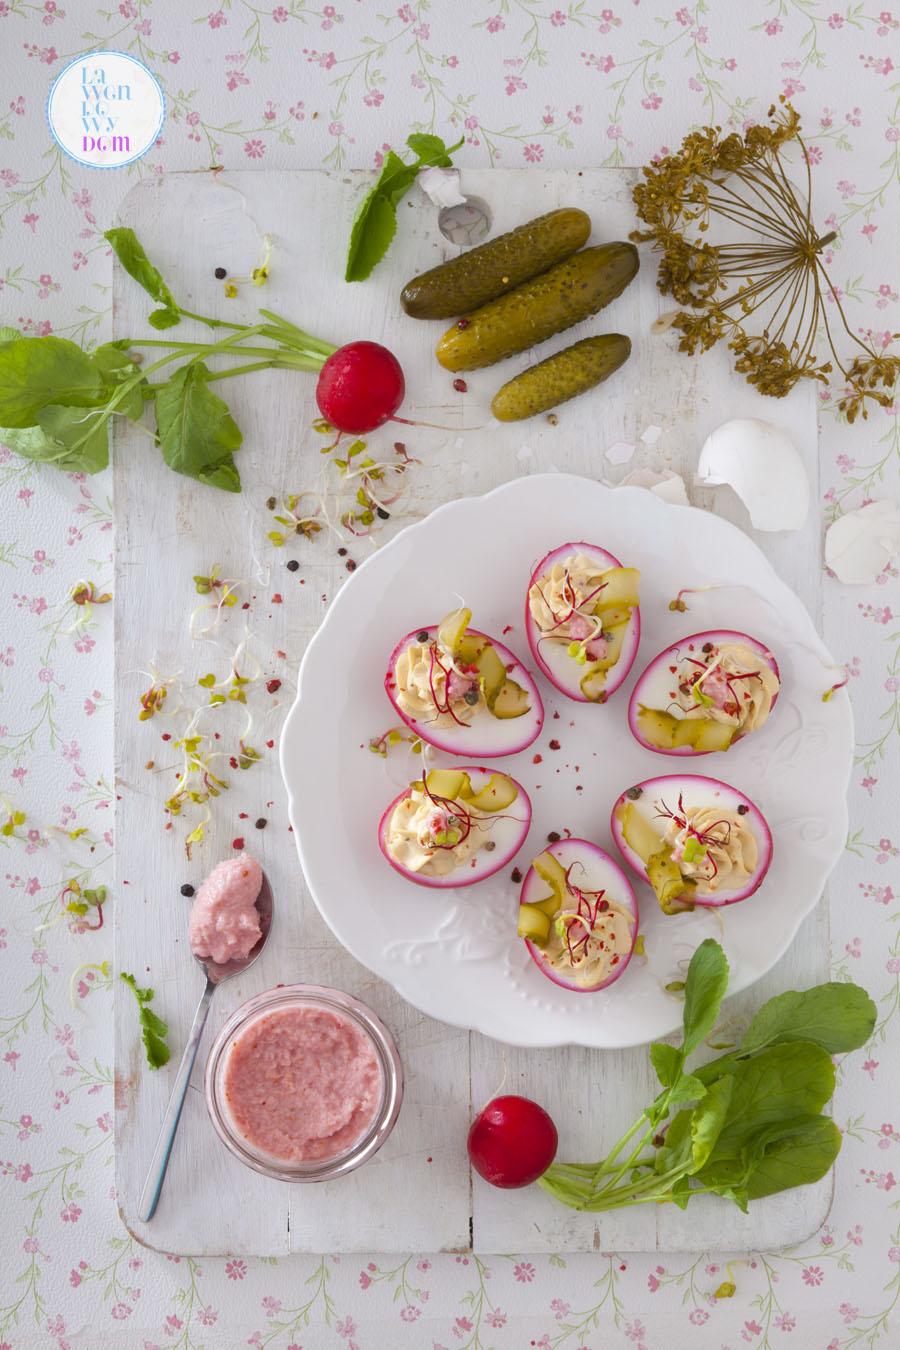 rozowe-faszerowane-jajka-krakus-przepis_04